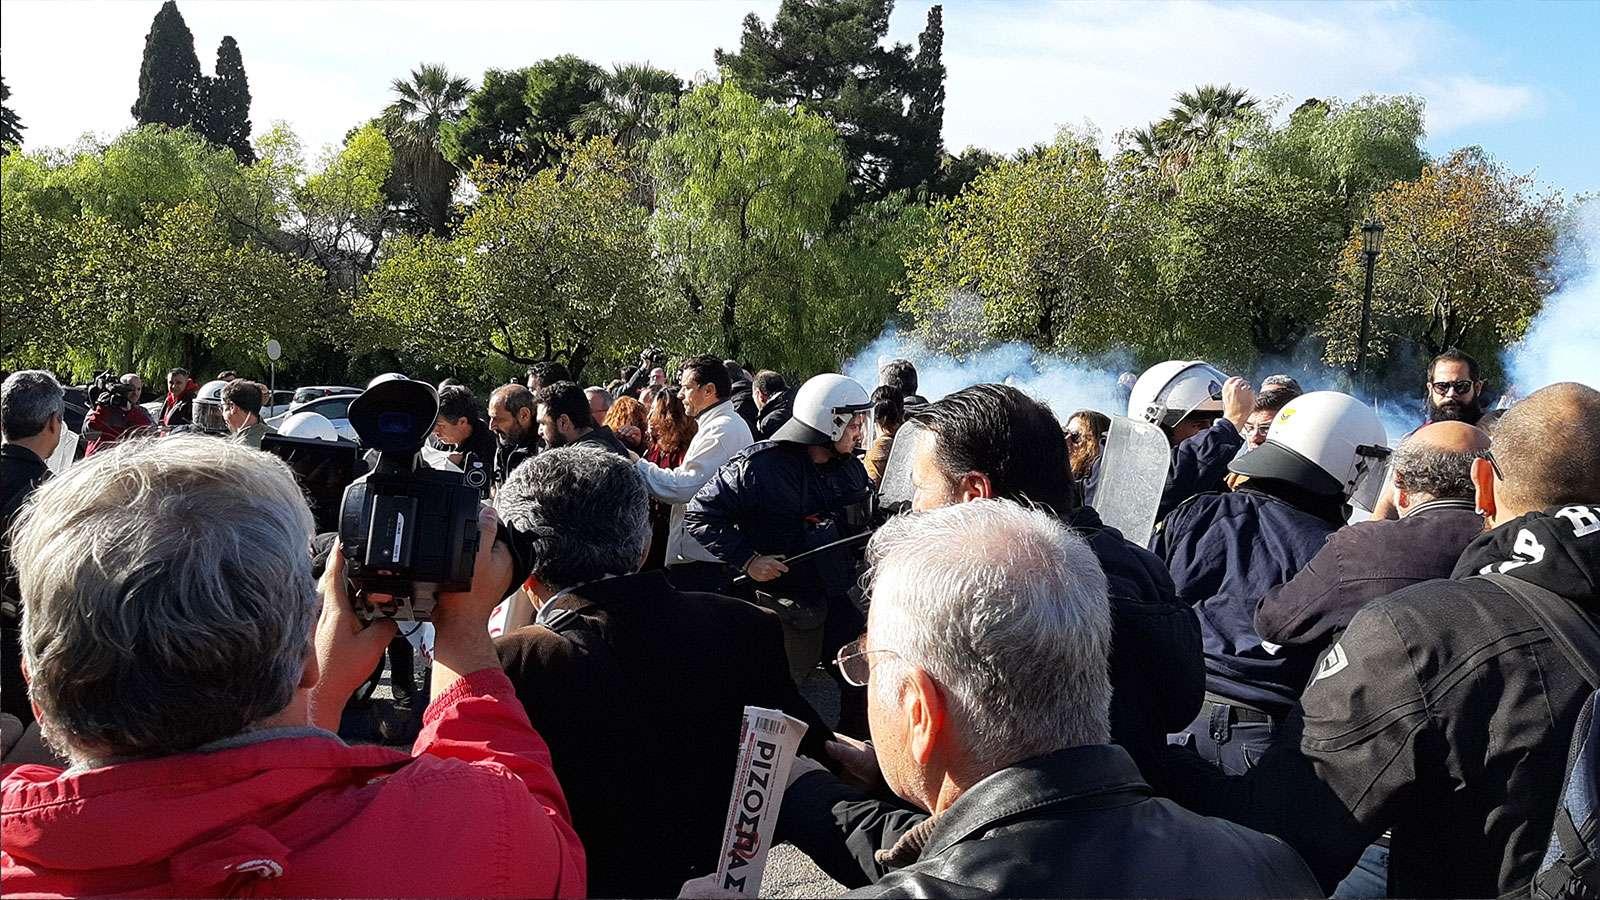 Βίαιη επίθεση της κυβέρνησης ΝΔ κατά των υγειονομικών - Τραυματίστηκε ο Ηλίας Σιώρας (ΒΙΝΤΕΟ-ΦΩΤΟ)